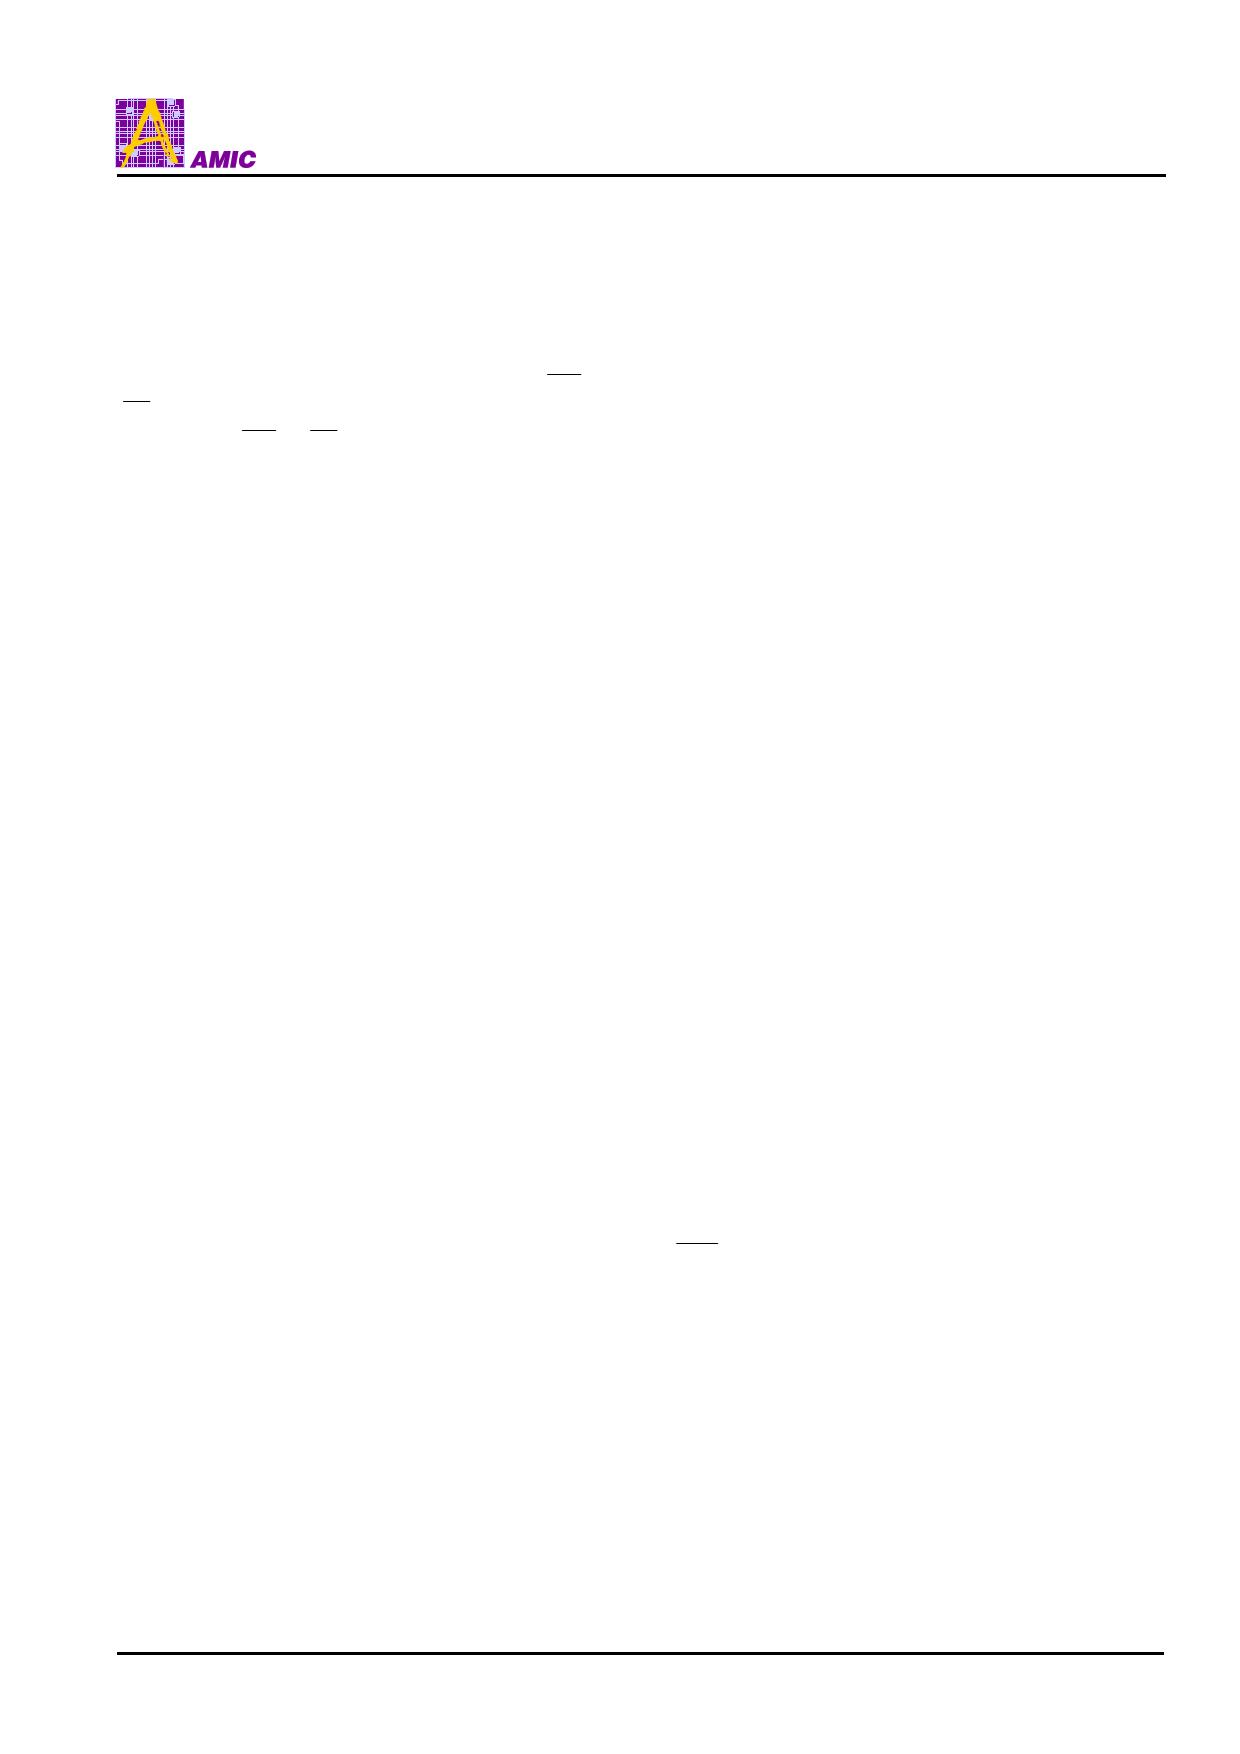 A290011B diode, scr